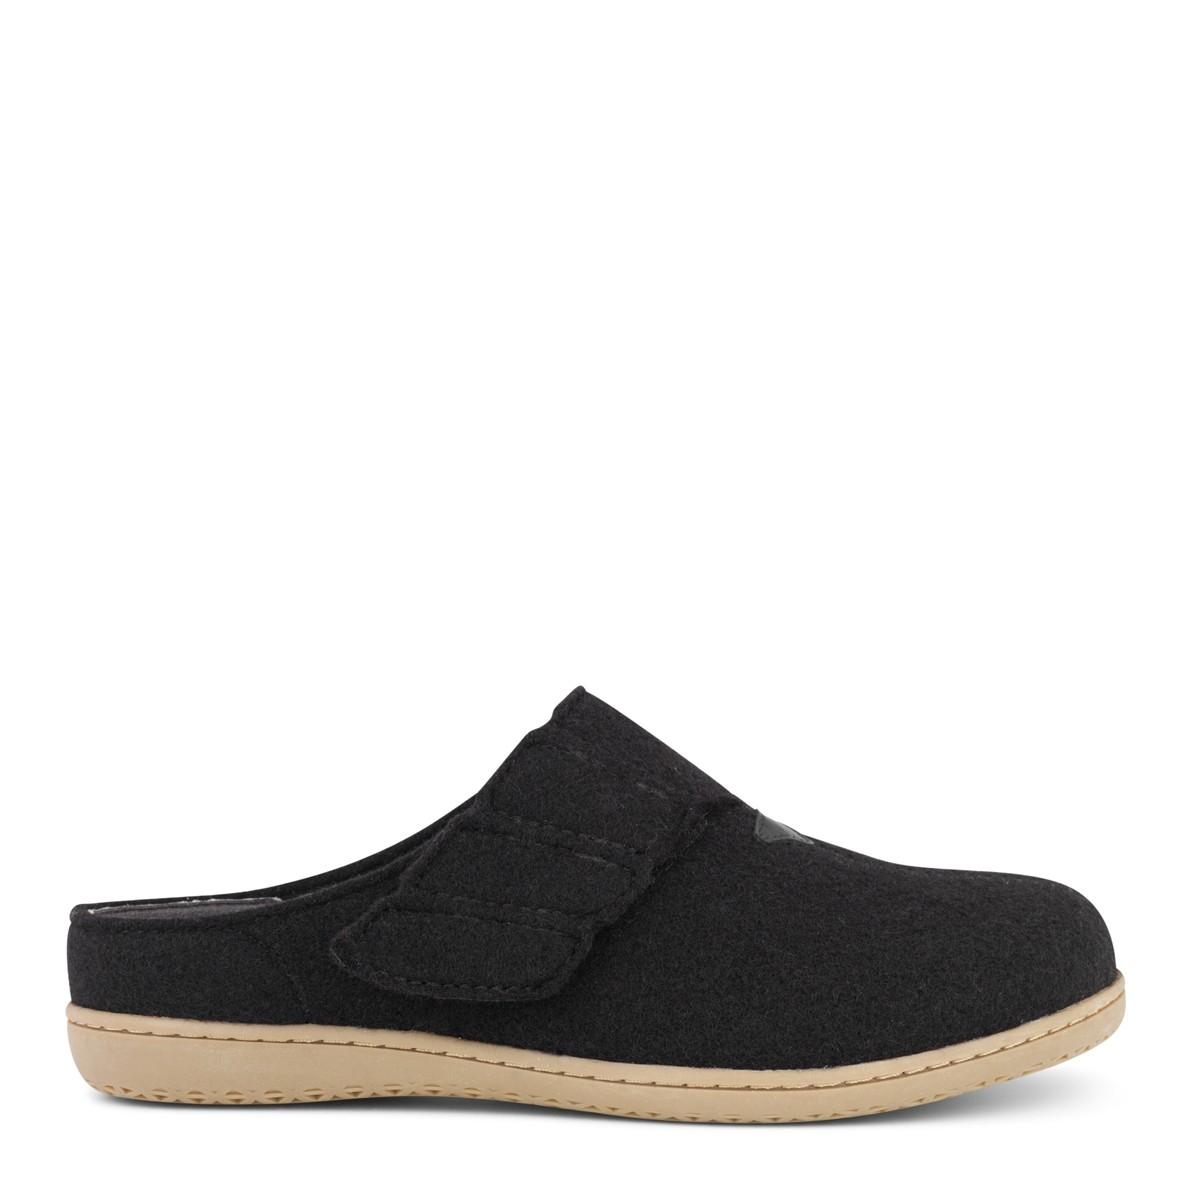 New Feet dame hjemmesko i uld uden hælkappe fra